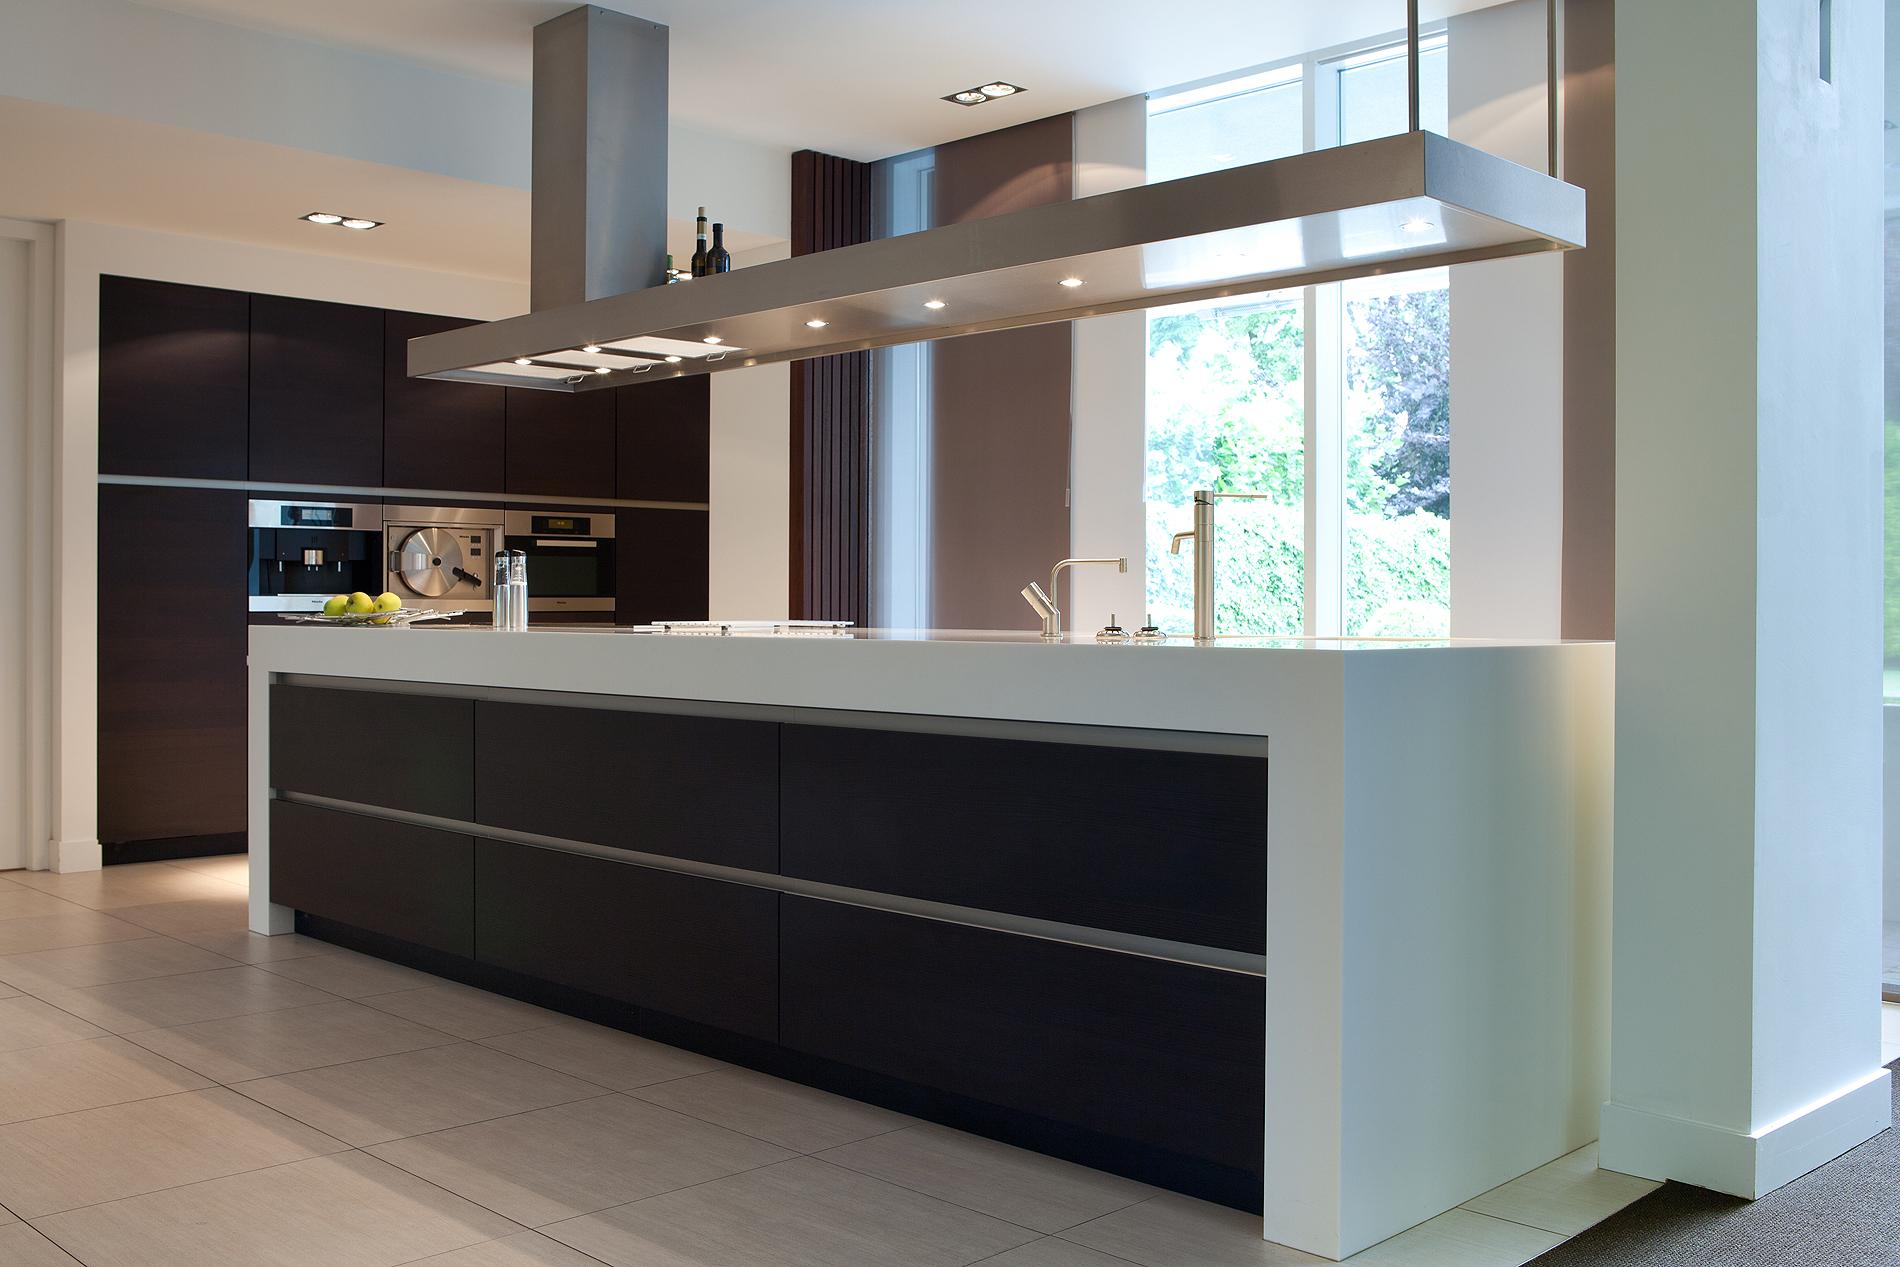 Keuken design hilversum for Plafondverlichting design